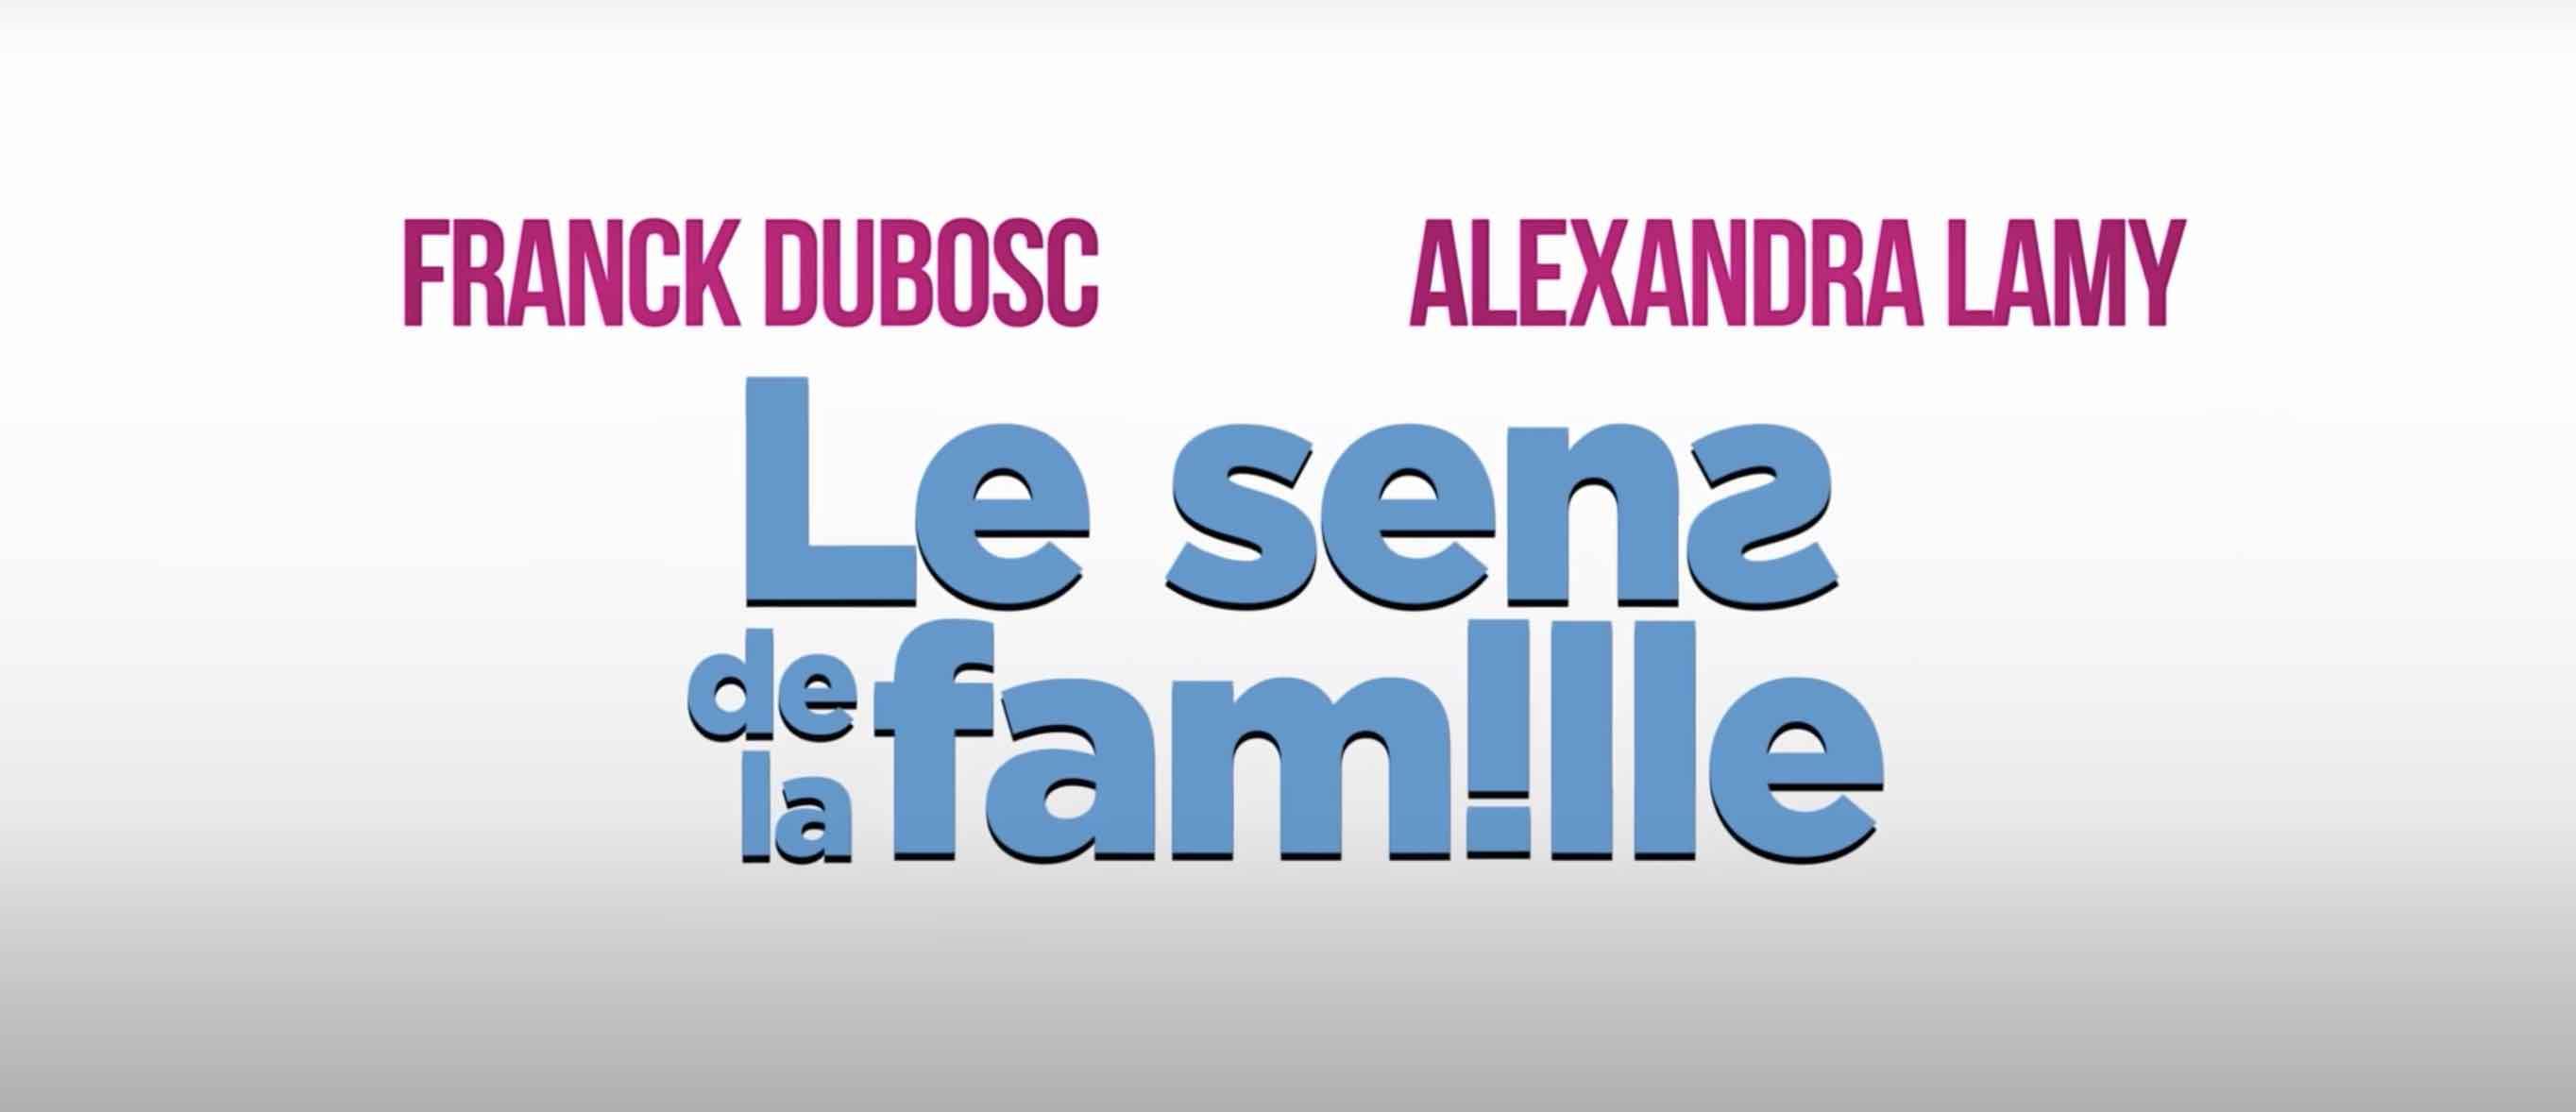 Le sens de la famille - comédie - film - Alexandra Lamy - Franck Dubosc -